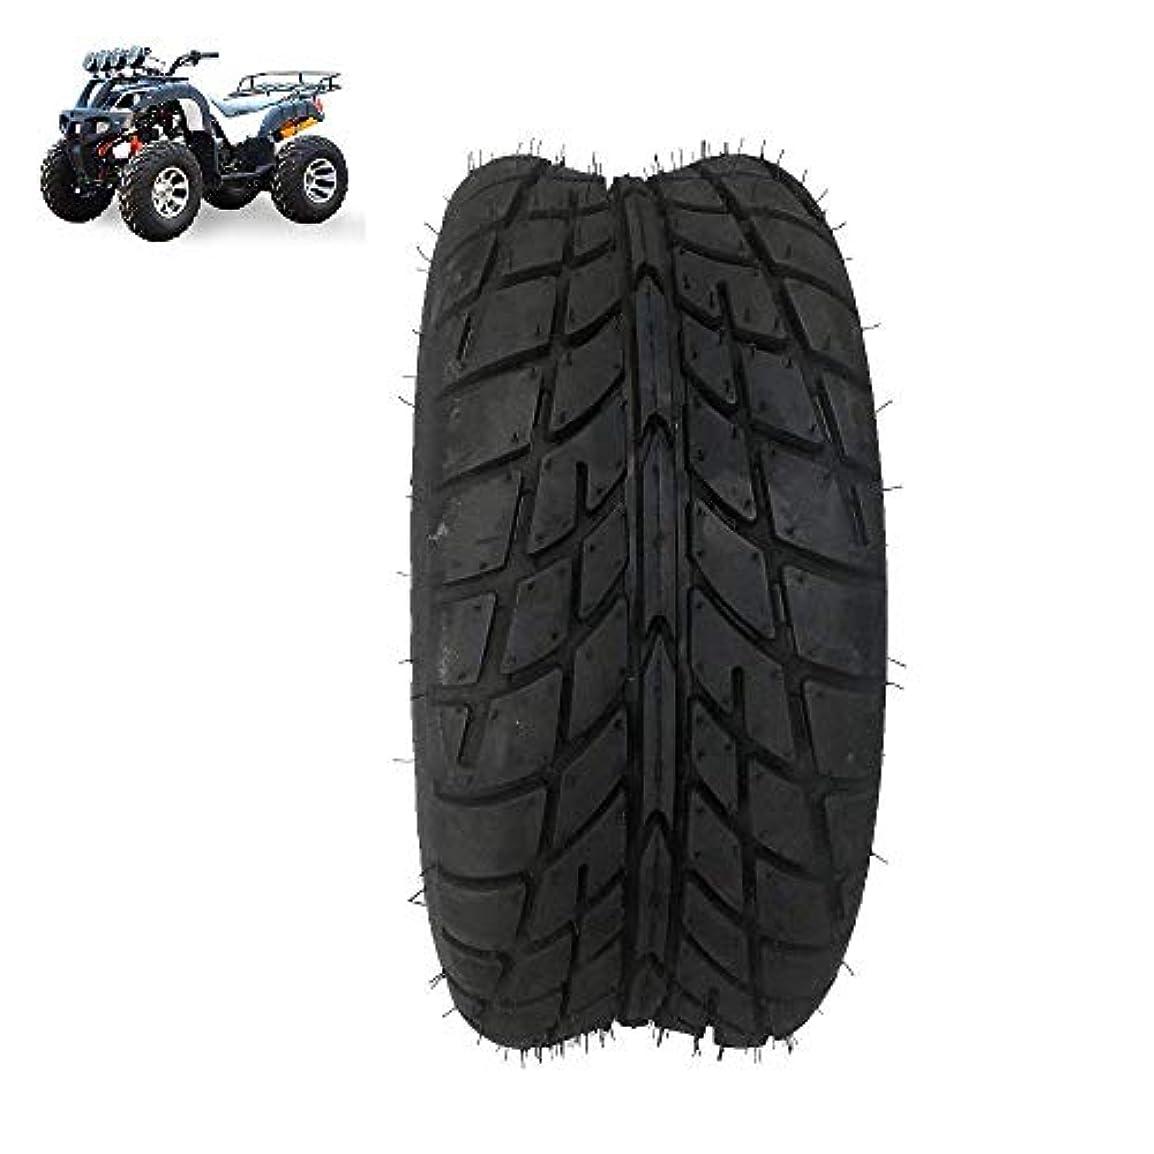 ズボン前投薬抜本的な電動スクータータイヤ、19X7.00-8ノンスリップチューブレスタイヤ、耐摩耗性ロードタイヤパターン、四輪カート/atvタイヤアクセサリー用